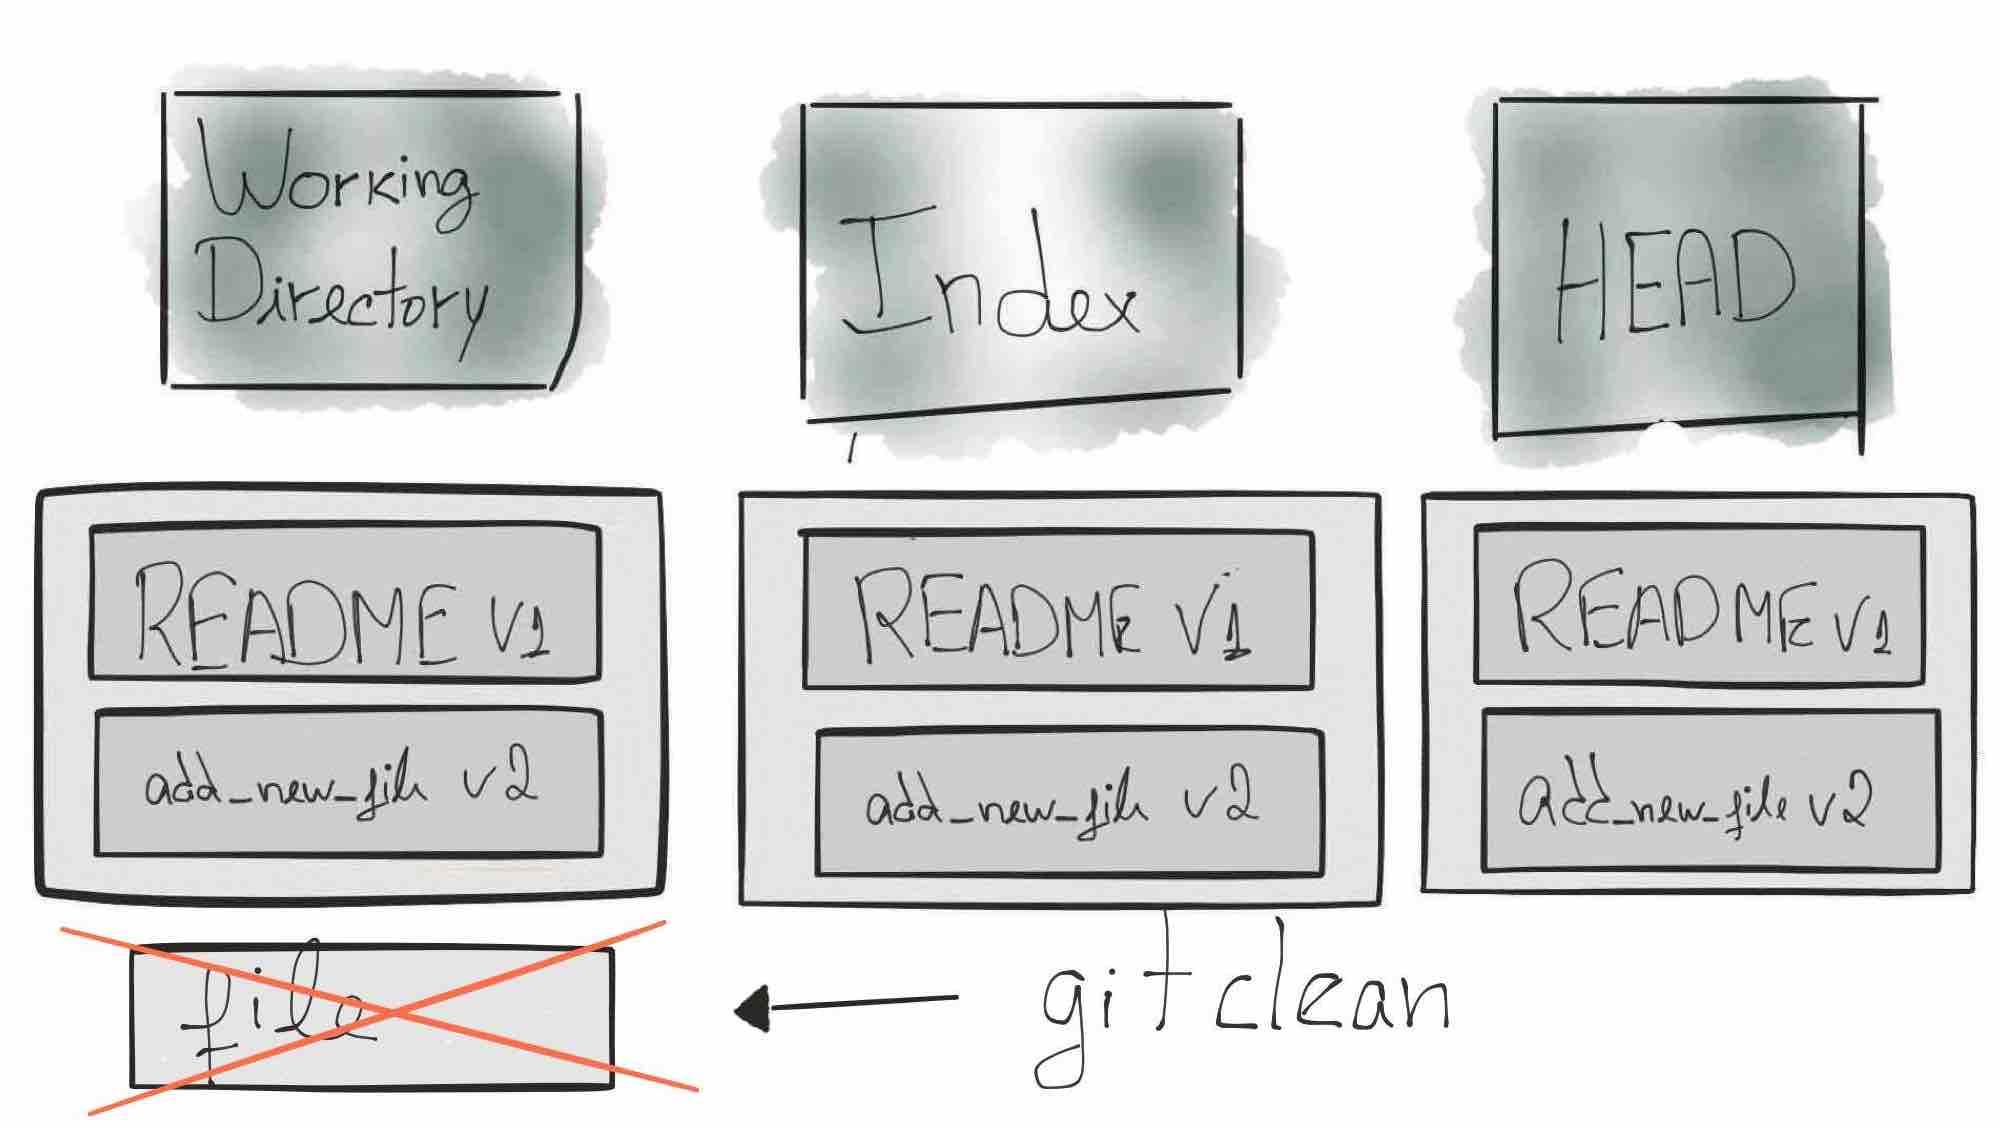 Git Clean